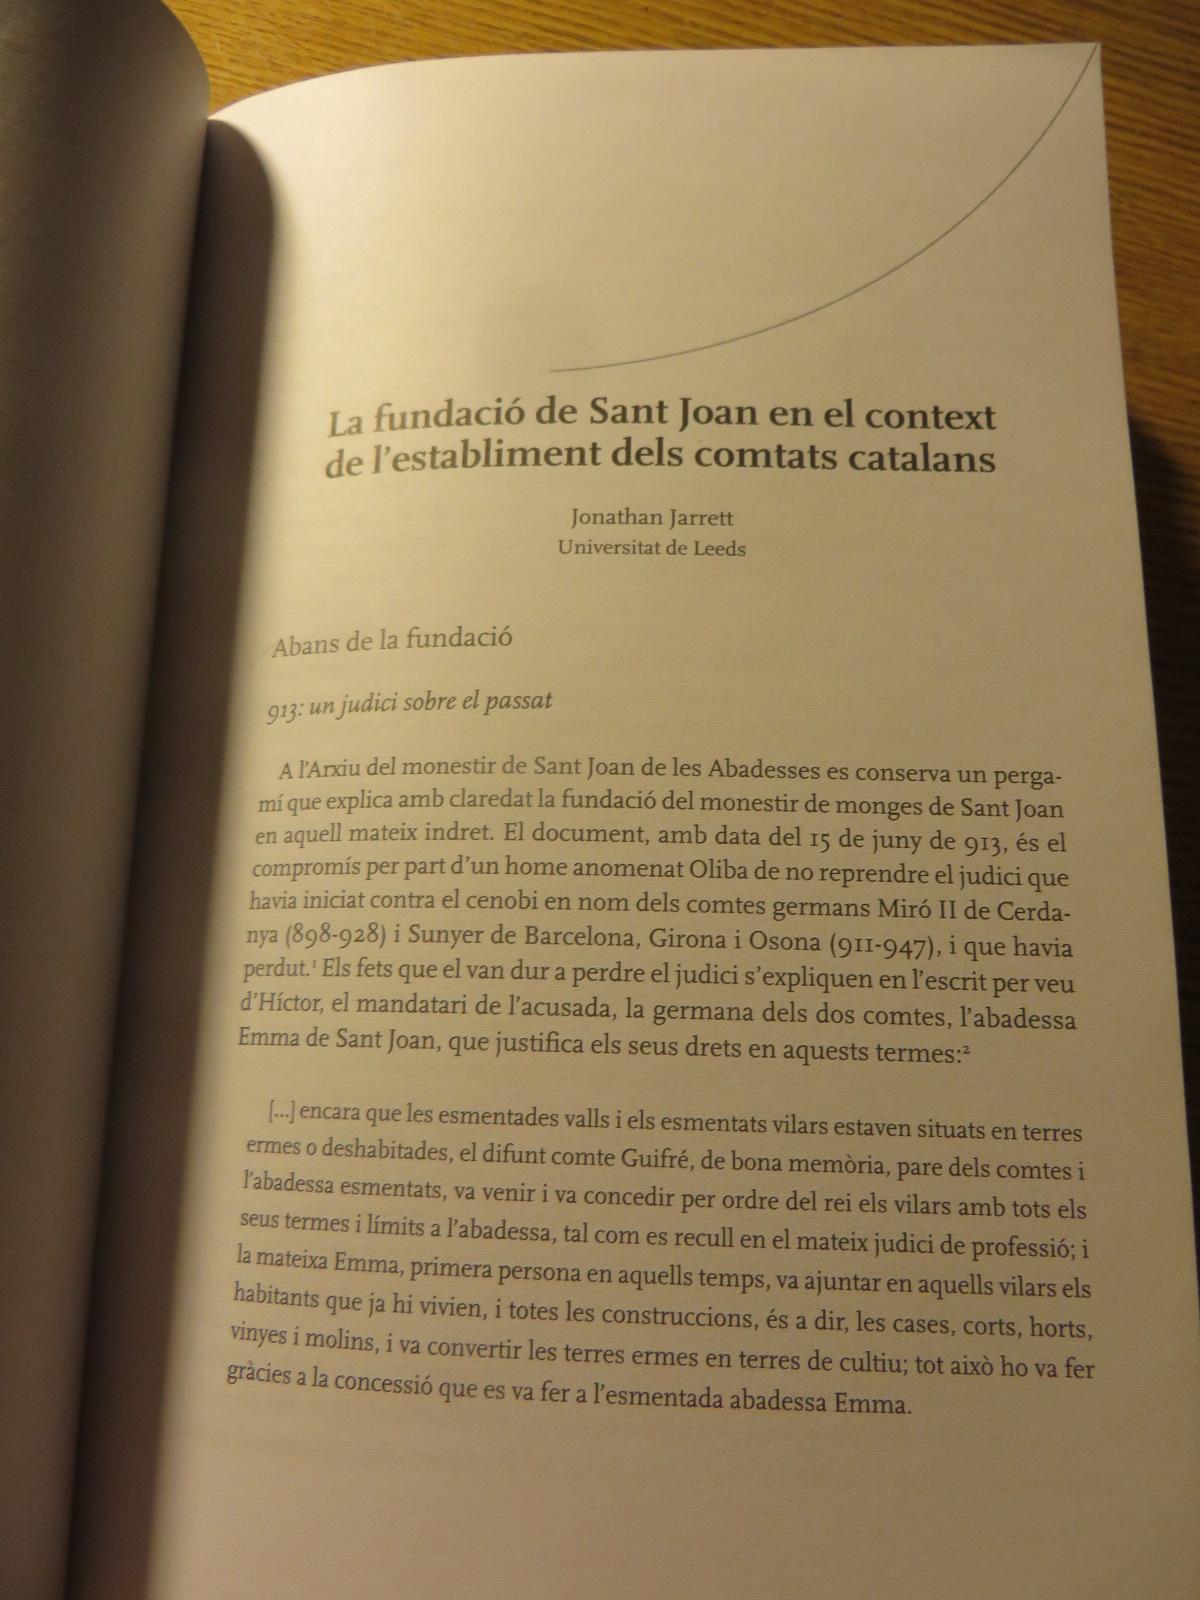 """Title page of Jonathan Jarrett, """"La fundació de Sant Joan en el context de l'establiment dels comtats catalans"""", in Brugués, Boada & Costa, El monestir de Sant Joan, pp. 83-107"""